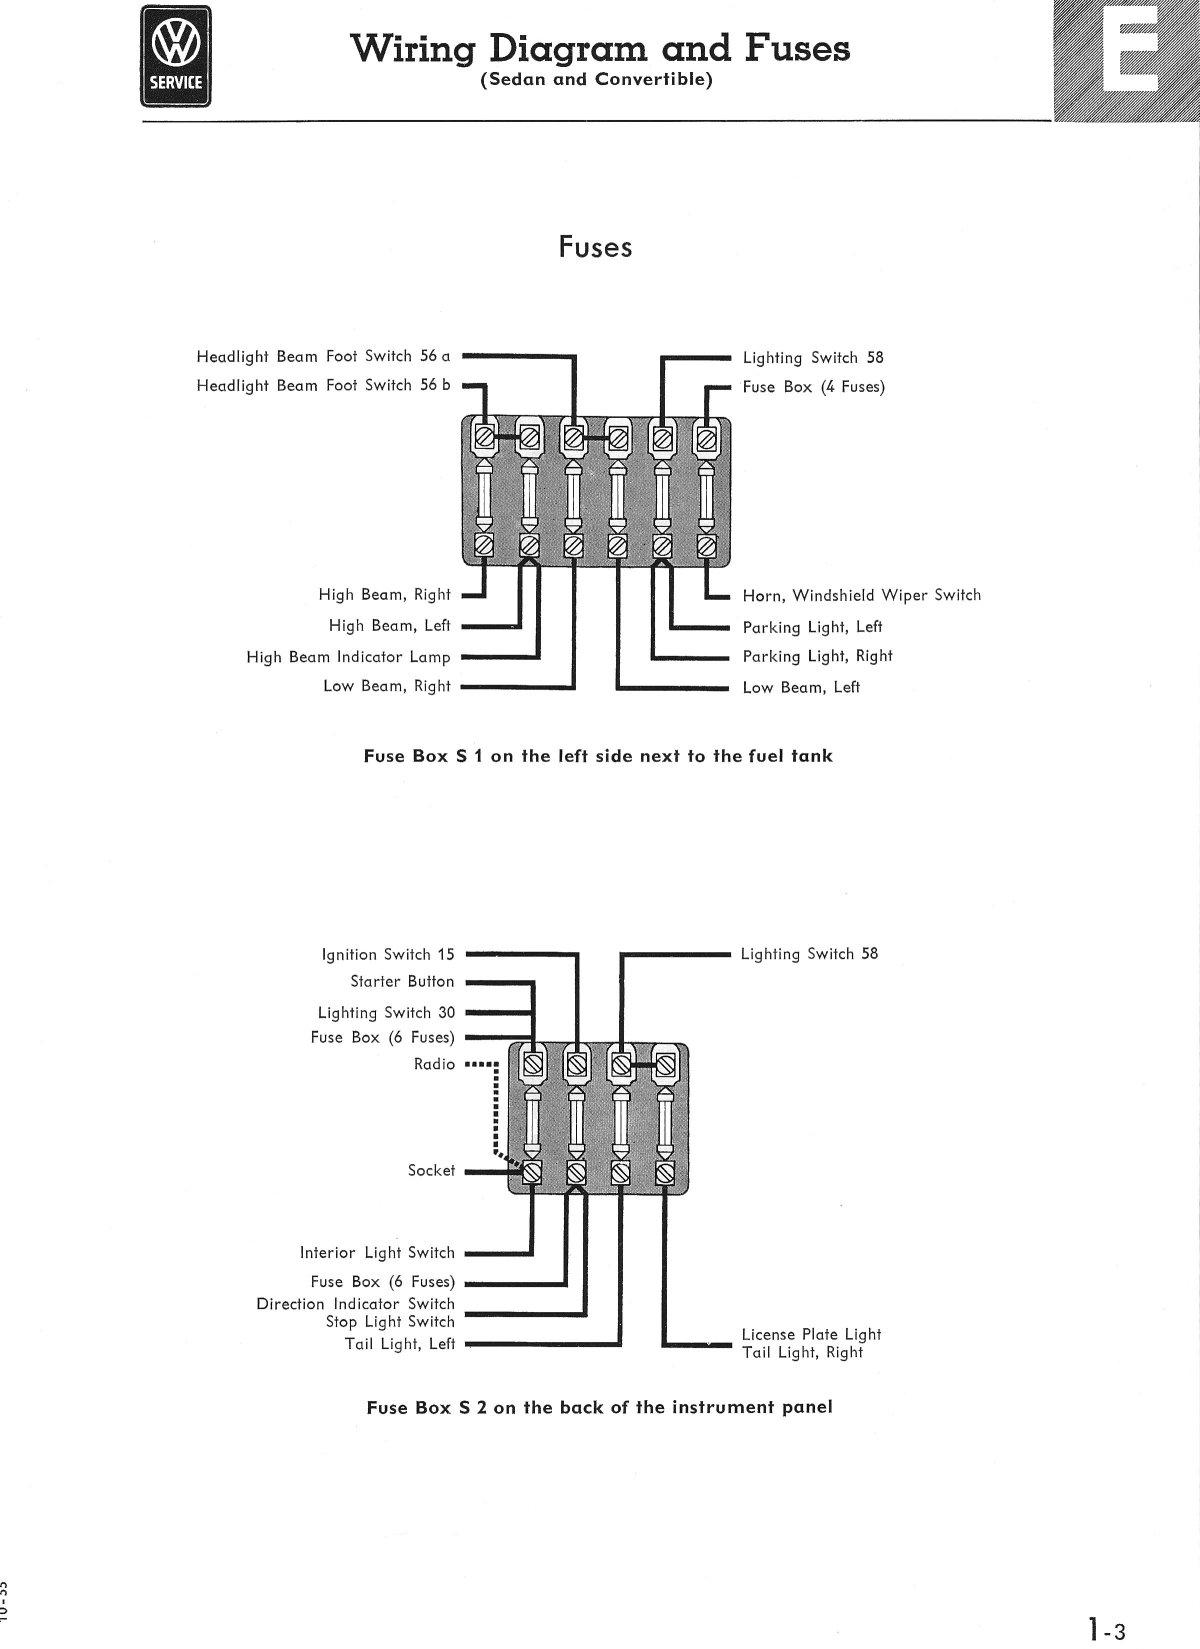 1969 mgb fuse box diagram